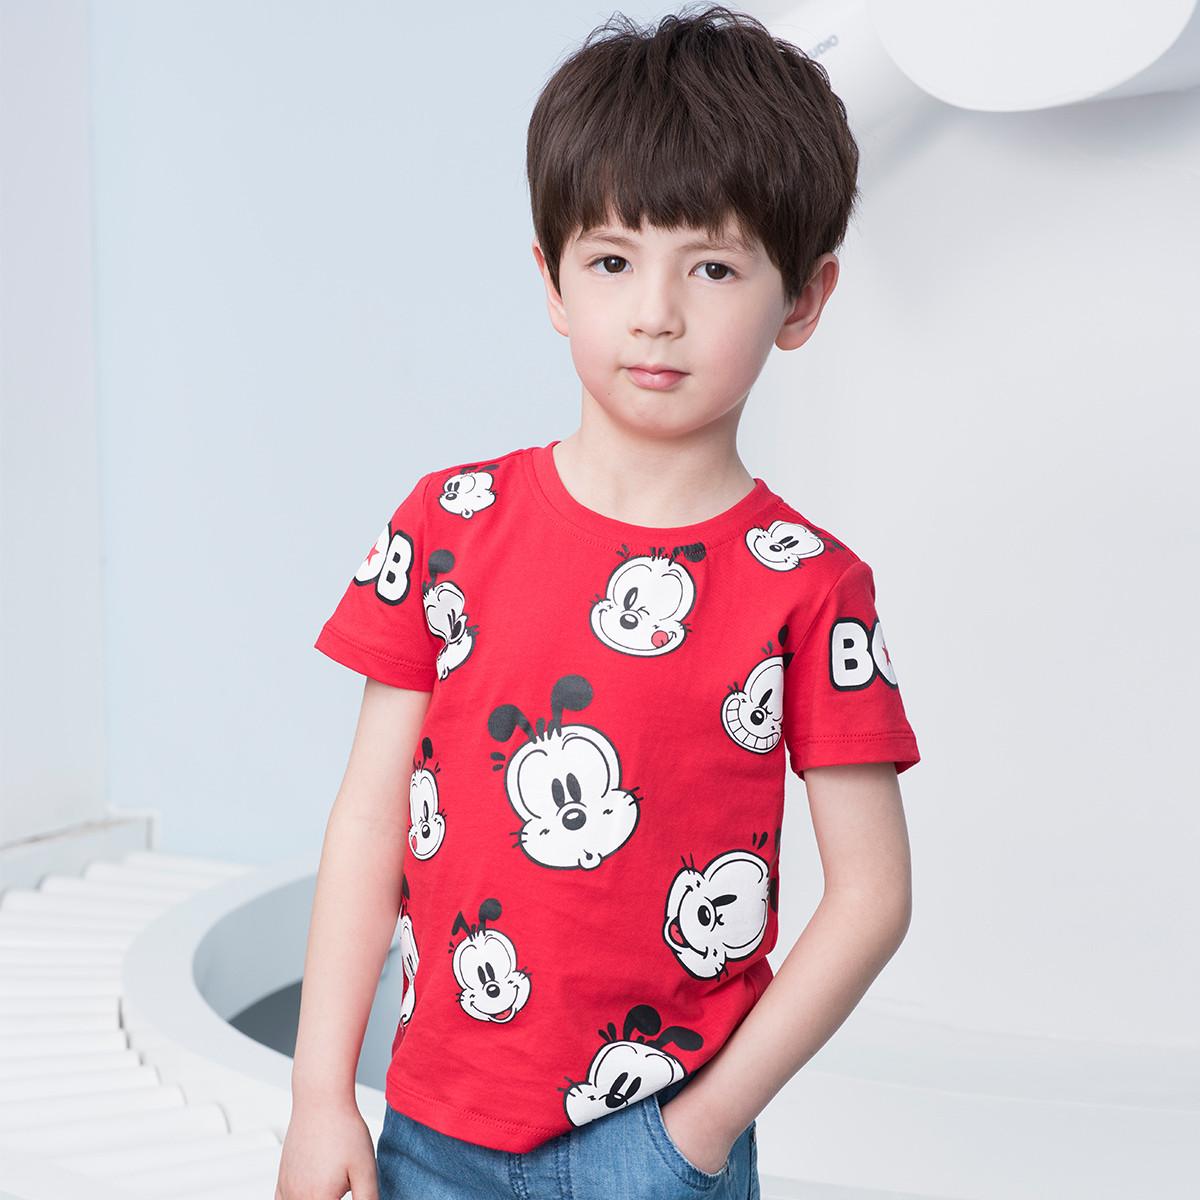 巴布豆巴布豆19新款大卡通舒适男童短袖T恤B92ZT608105